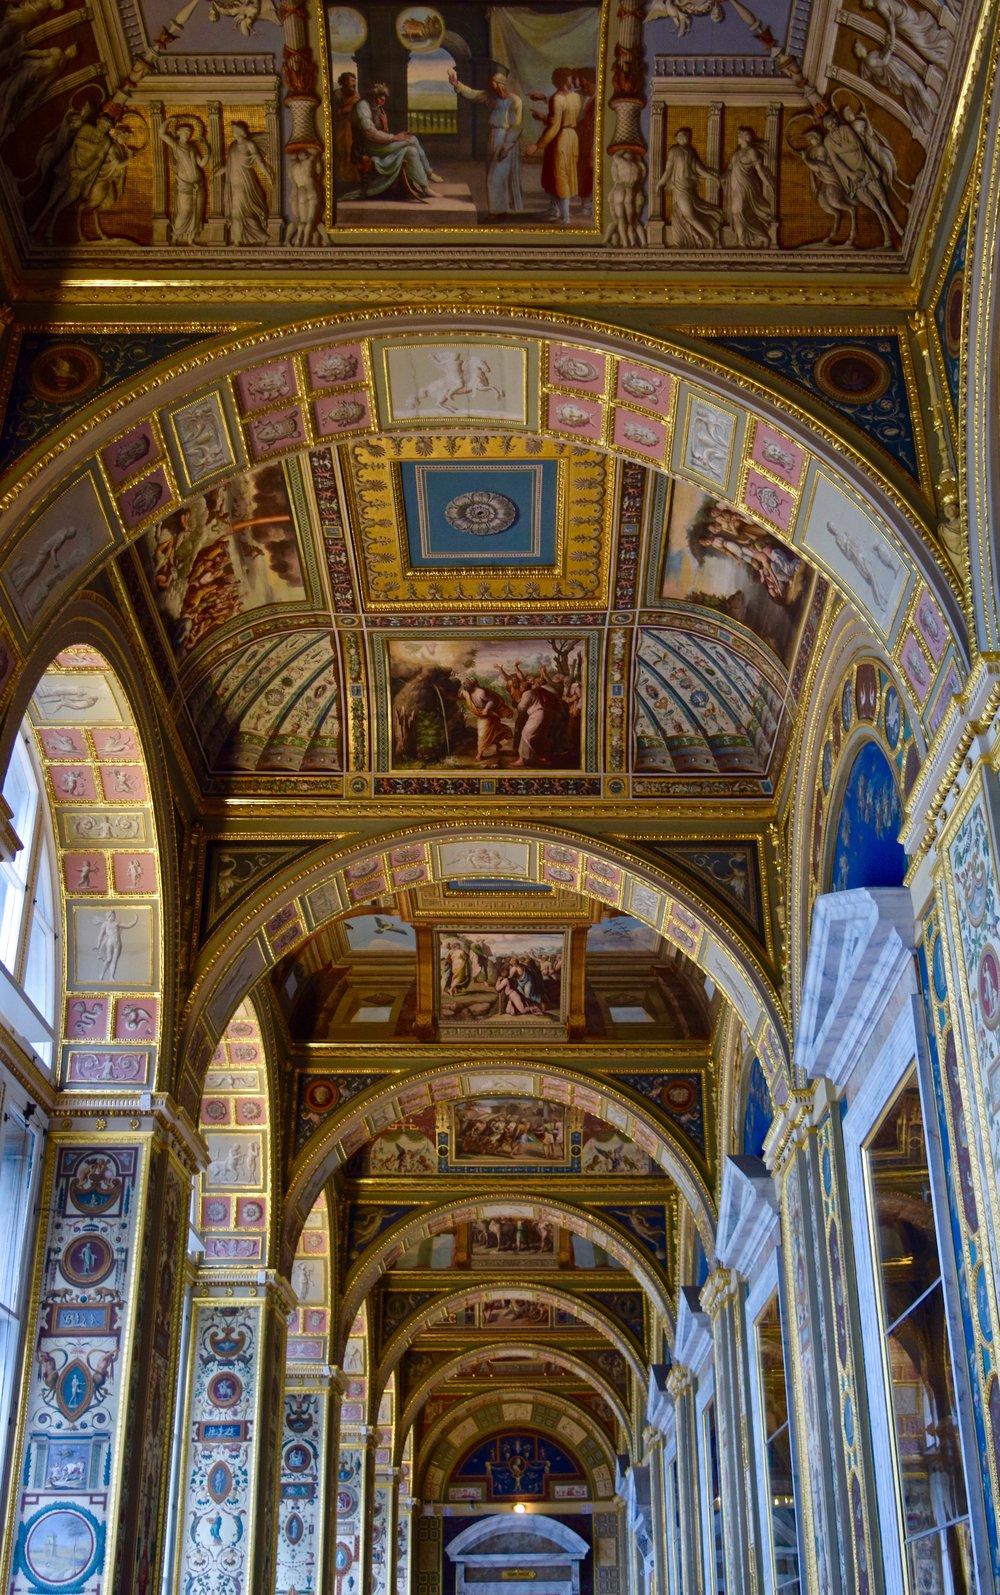 Raphael Loggias, Hermitage Museum